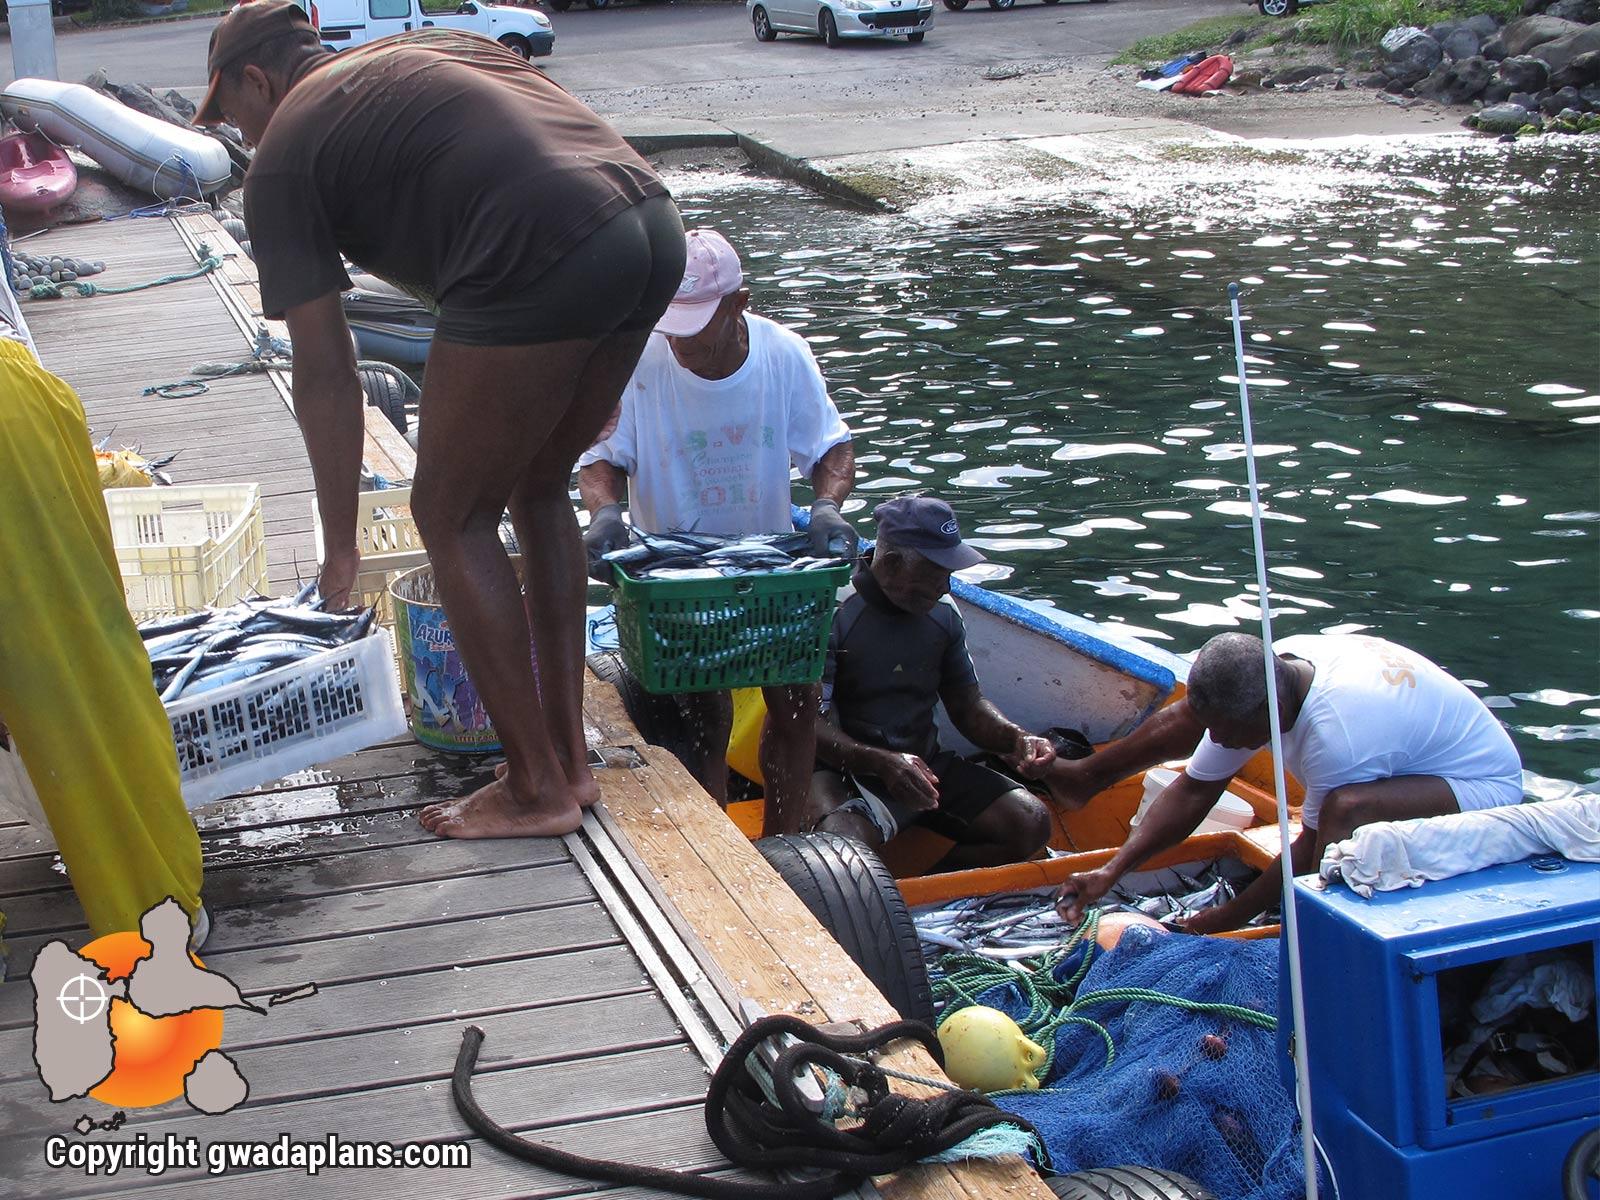 Pêche traditionelle - Vie locale Guadeloupe